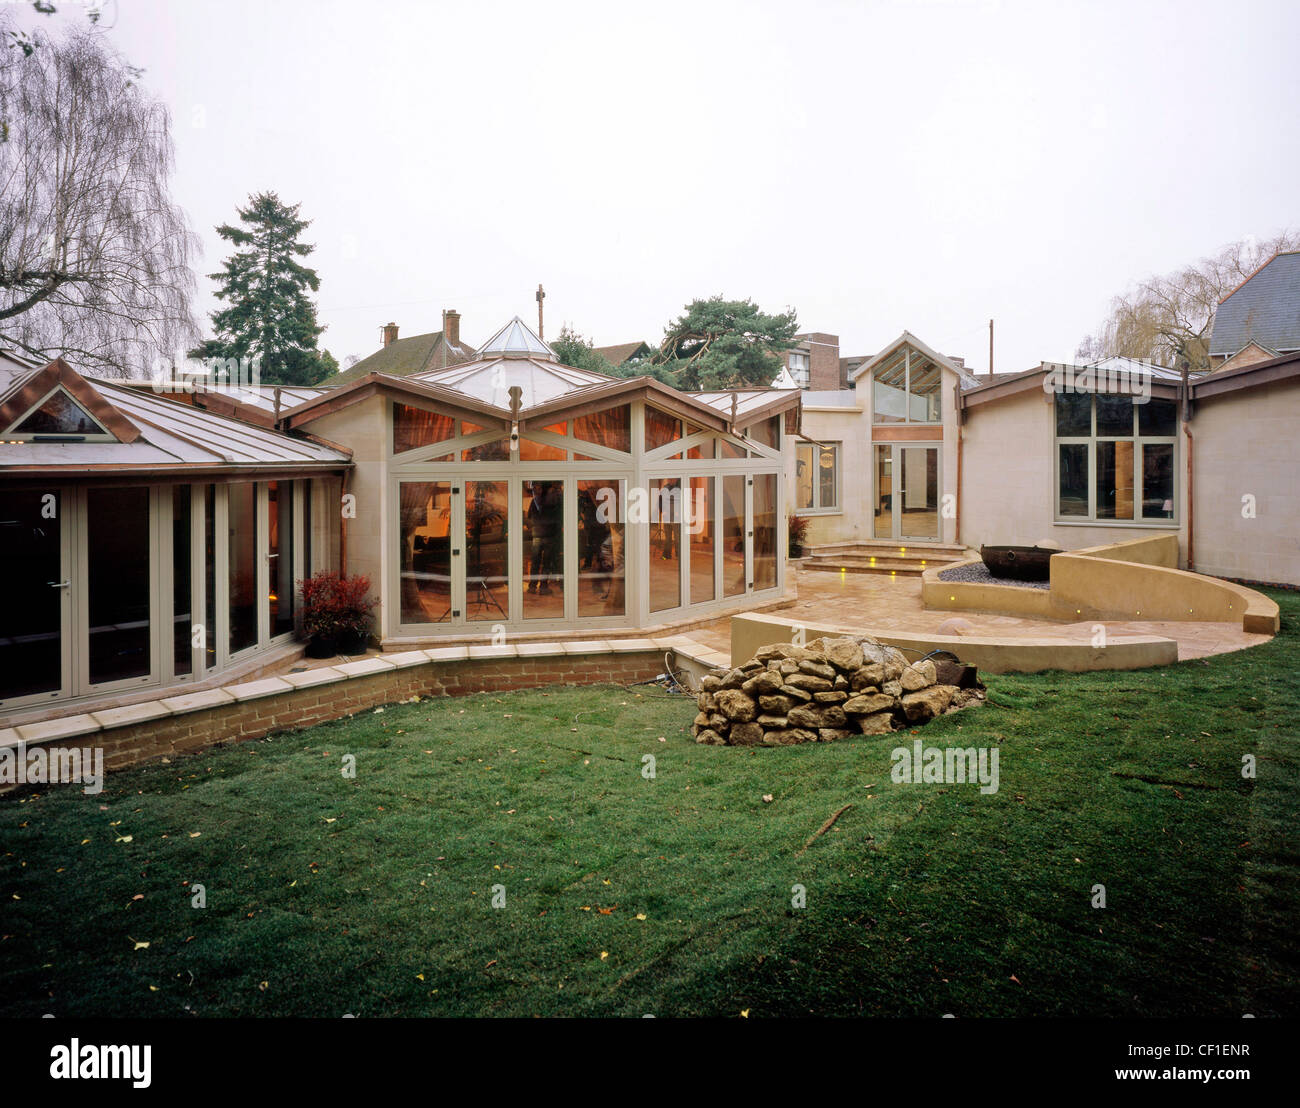 Das Exteriof Dekagon Haus In Oxford, England, Gefliest Glaswände Des  Wohnzimmer Mit Blick Auf Rasen Garten Terrasse Glenn Dearing